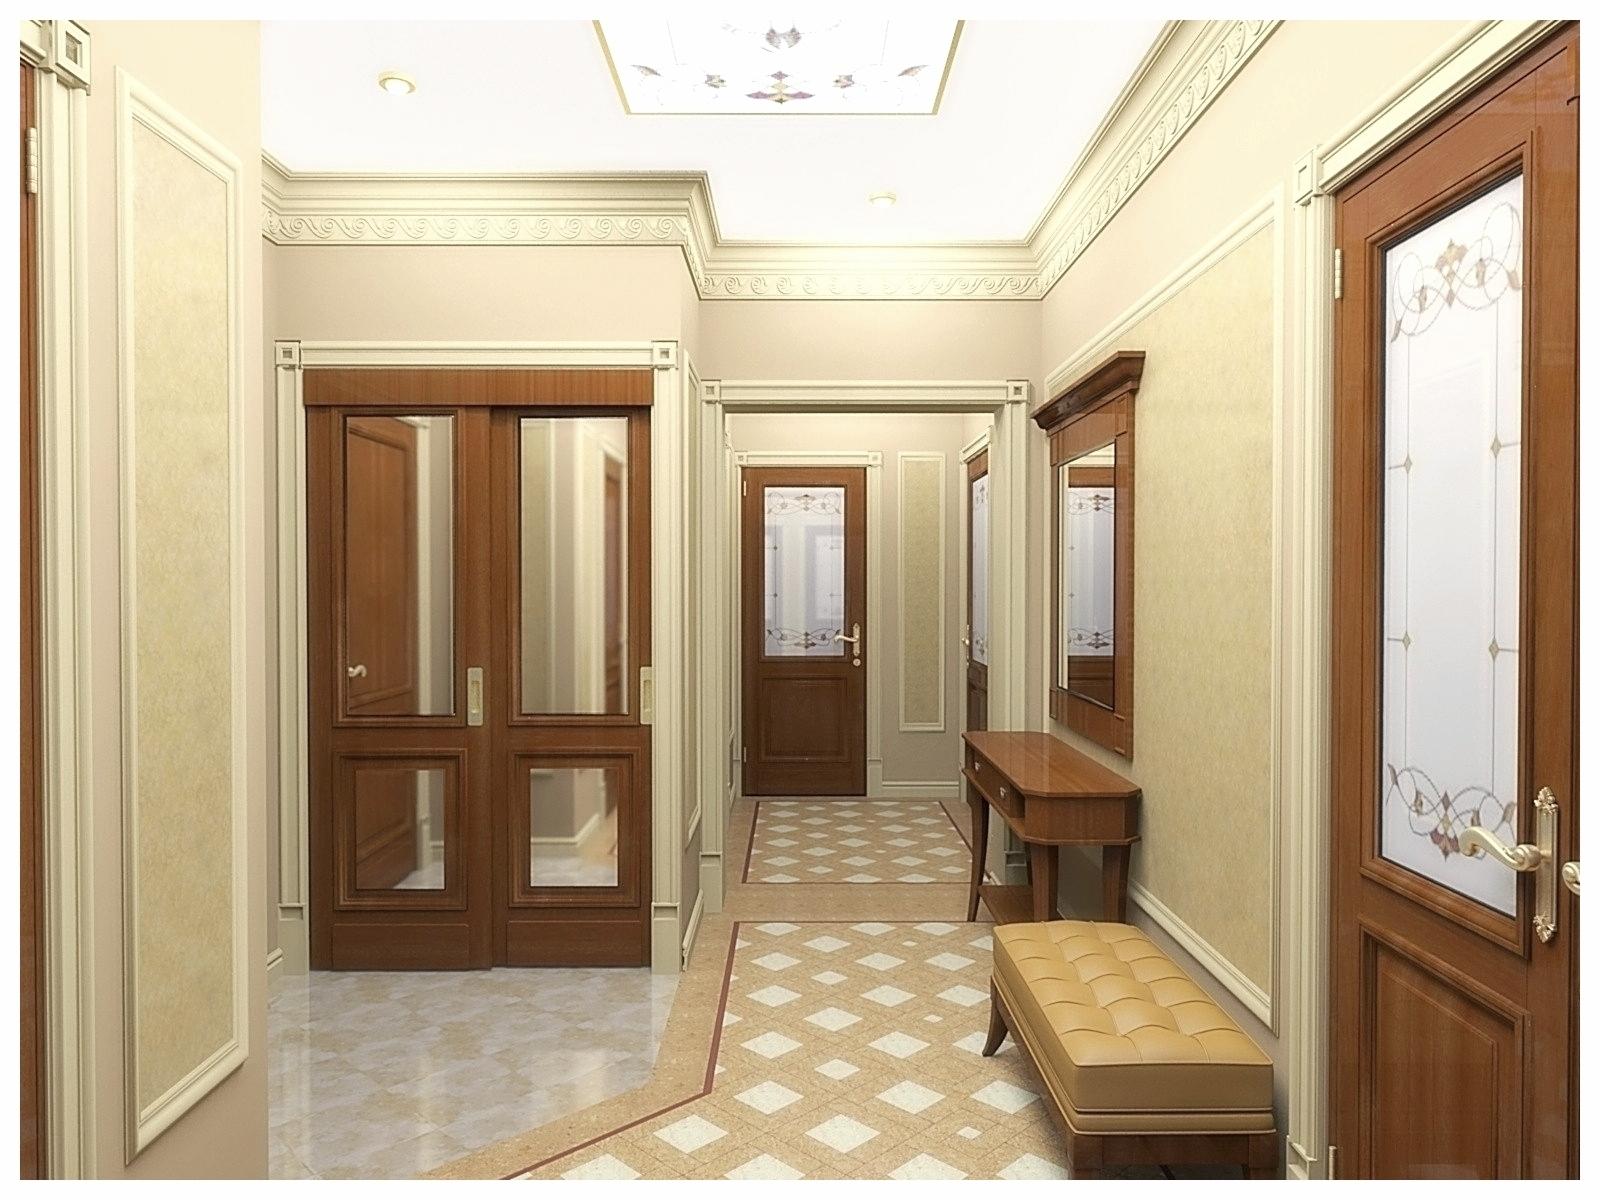 Дизайн интерьеров квартир. Холл 1.